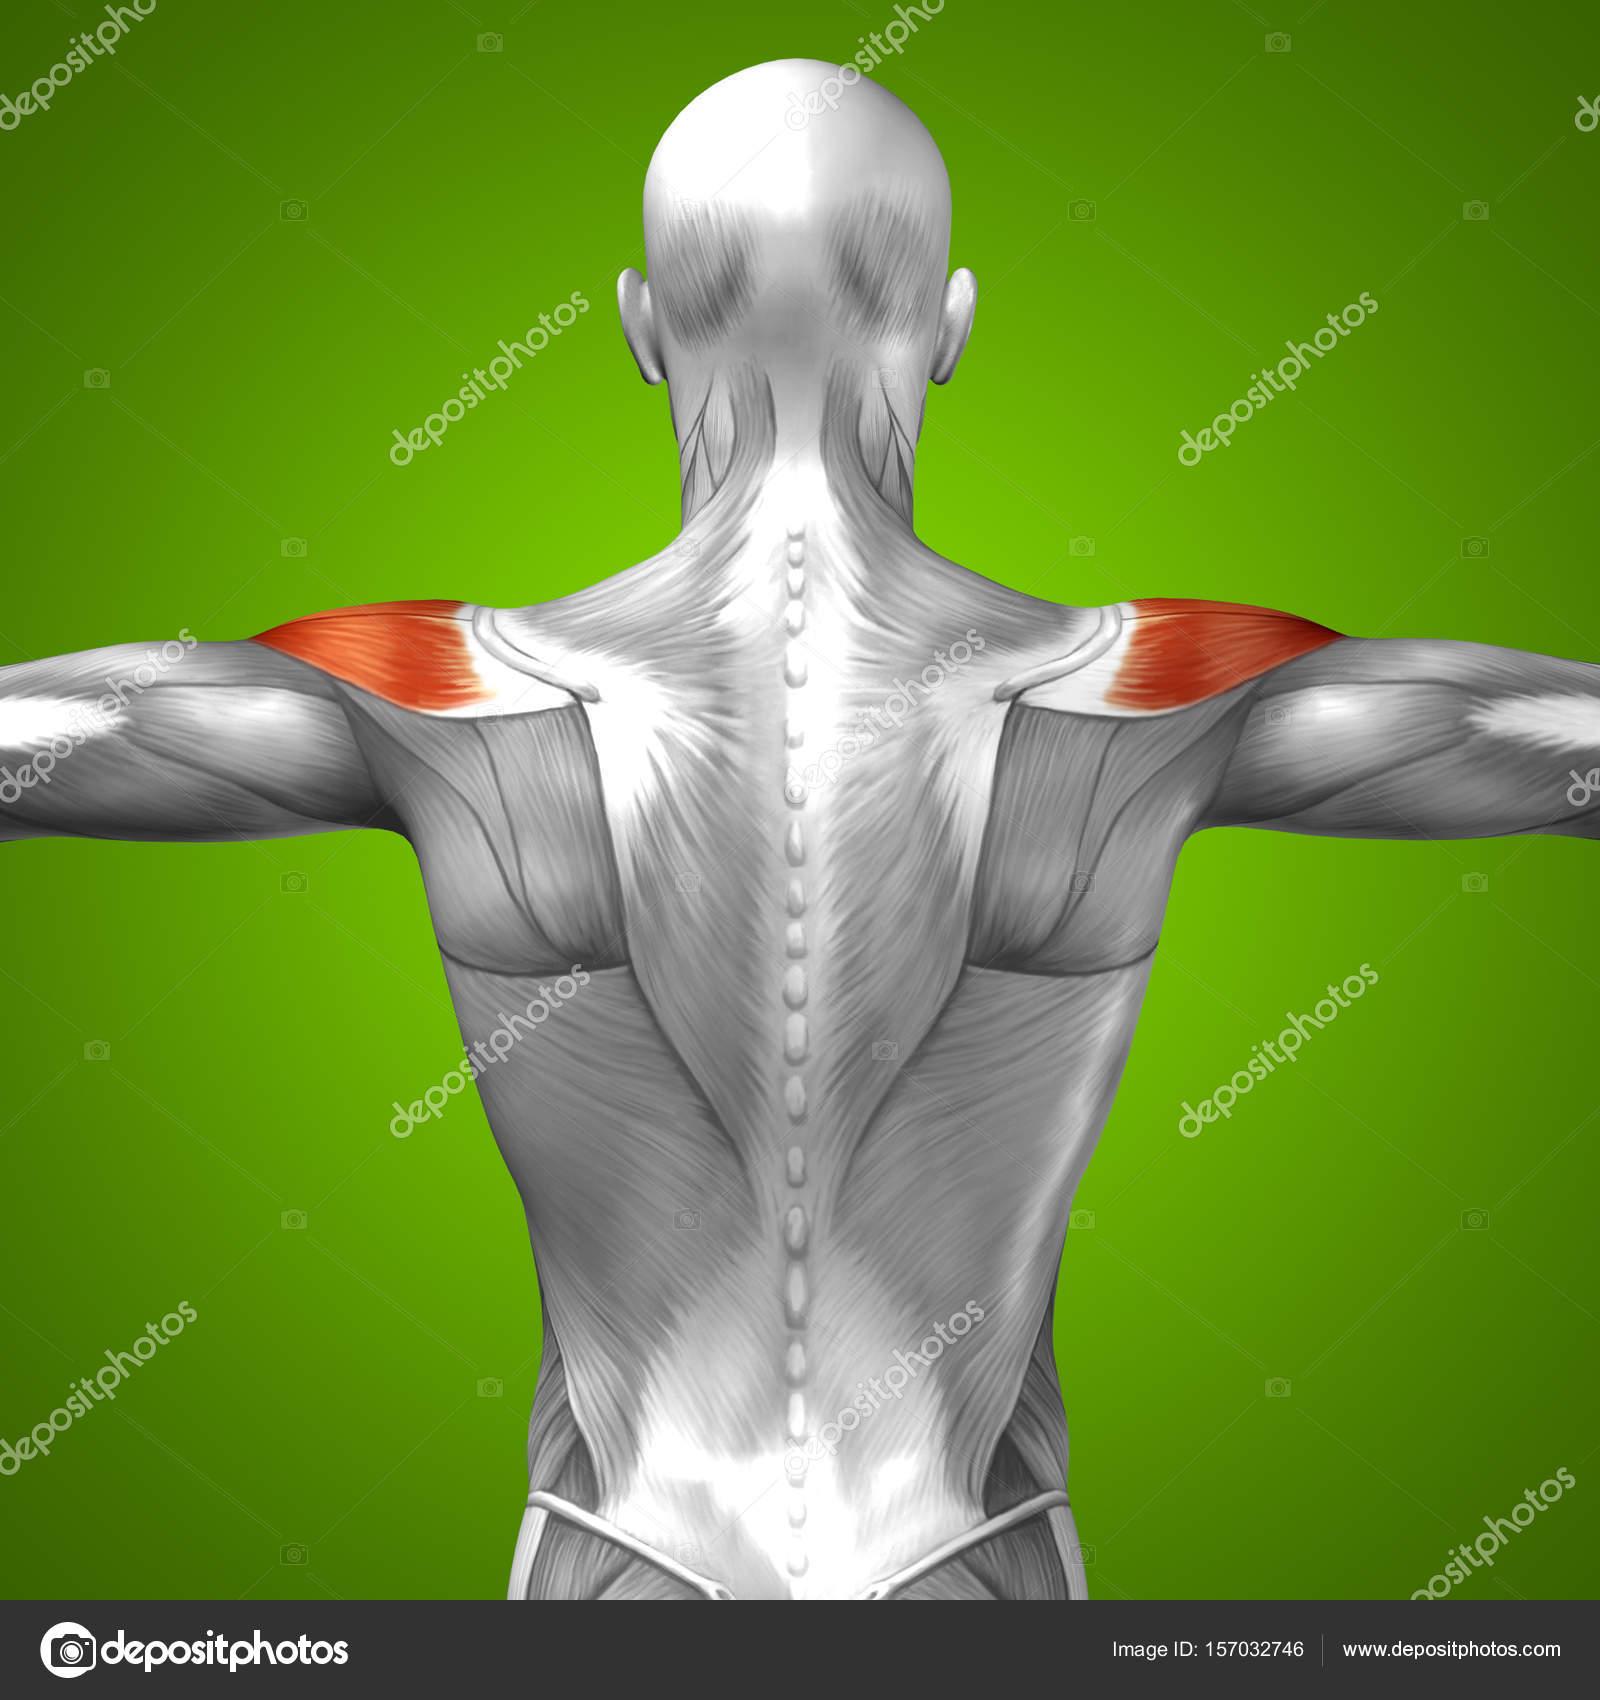 Anatomía de la espalda — Foto de stock © design36 #157032746